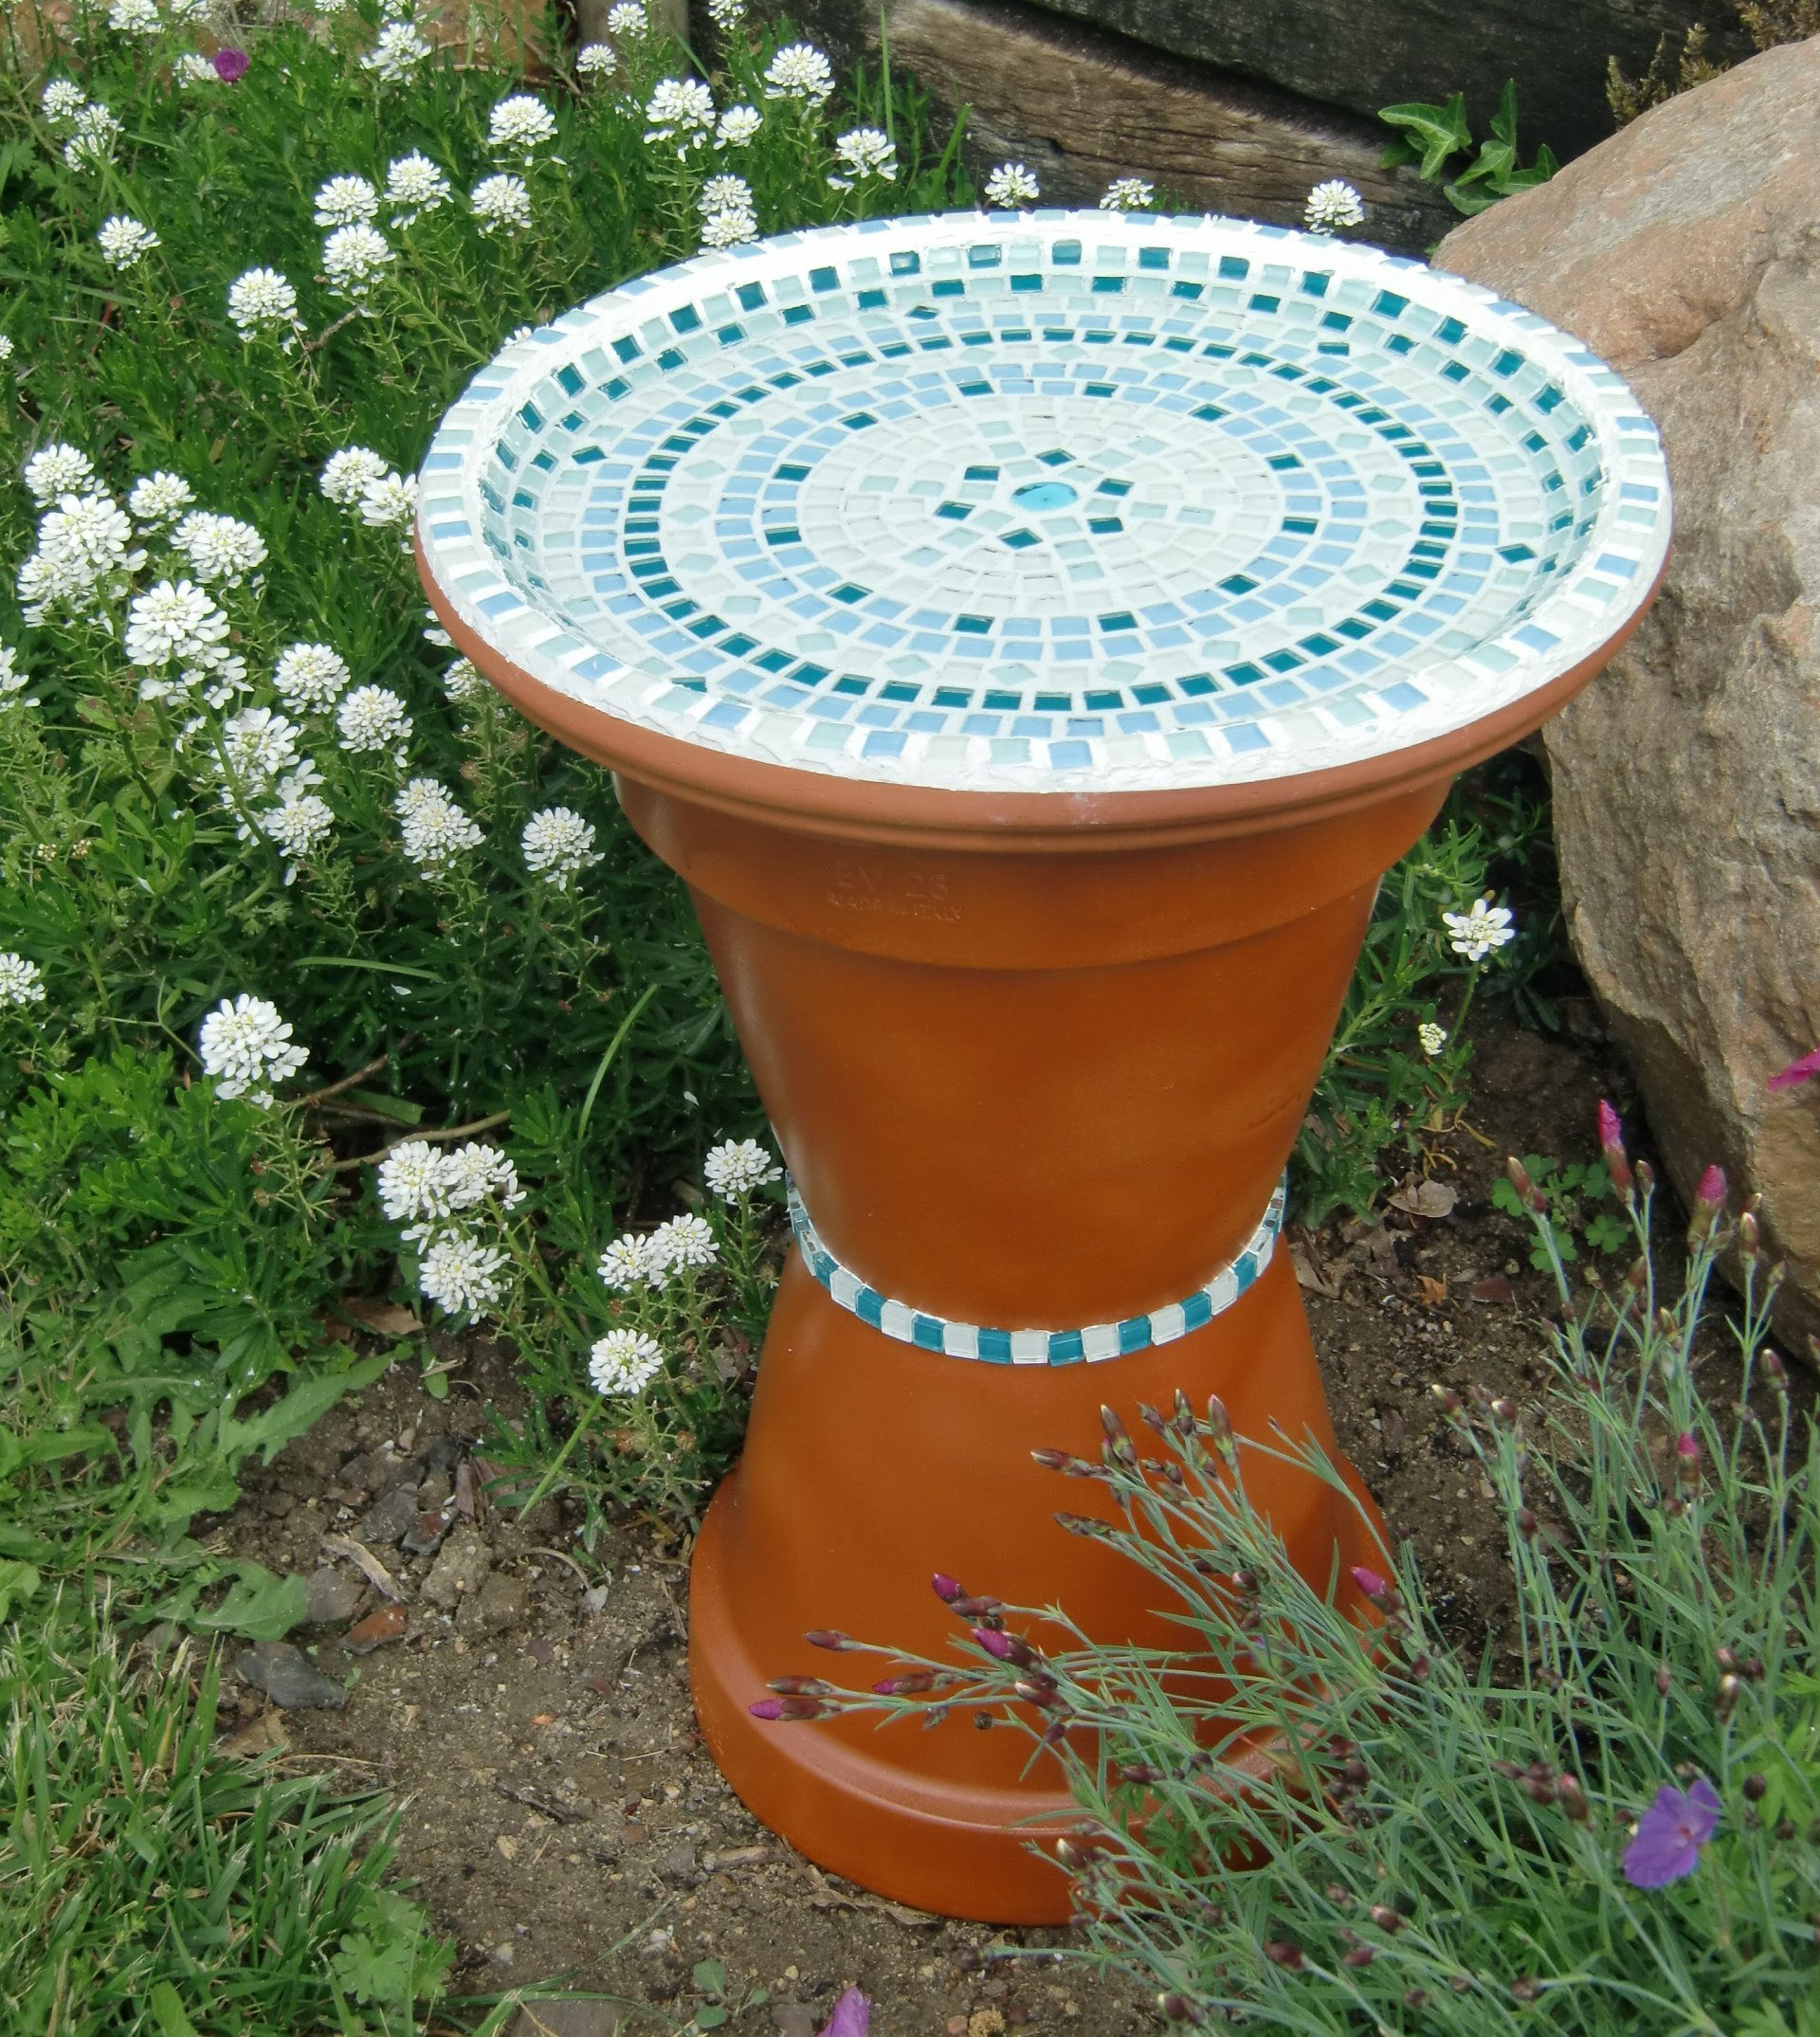 Un Bain Pour Oiseaux En Mosaïque | Oui Are Makers intérieur Baignoire Oiseaux Jardin